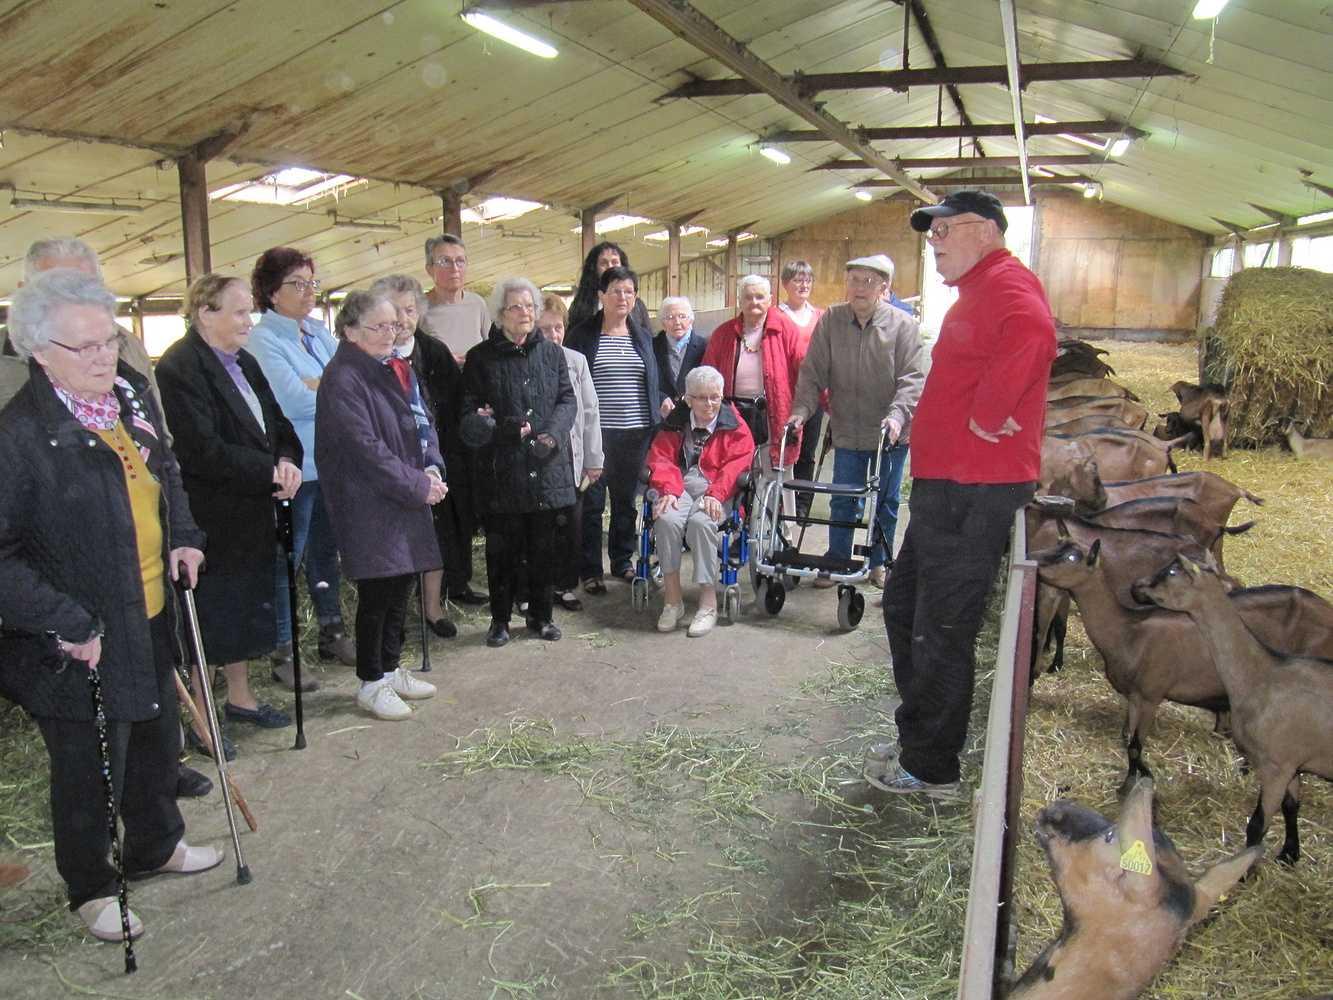 Les Amis de Kermaria - Sortie à la chèvrerie de Plouguenast - Octobre 2017 0